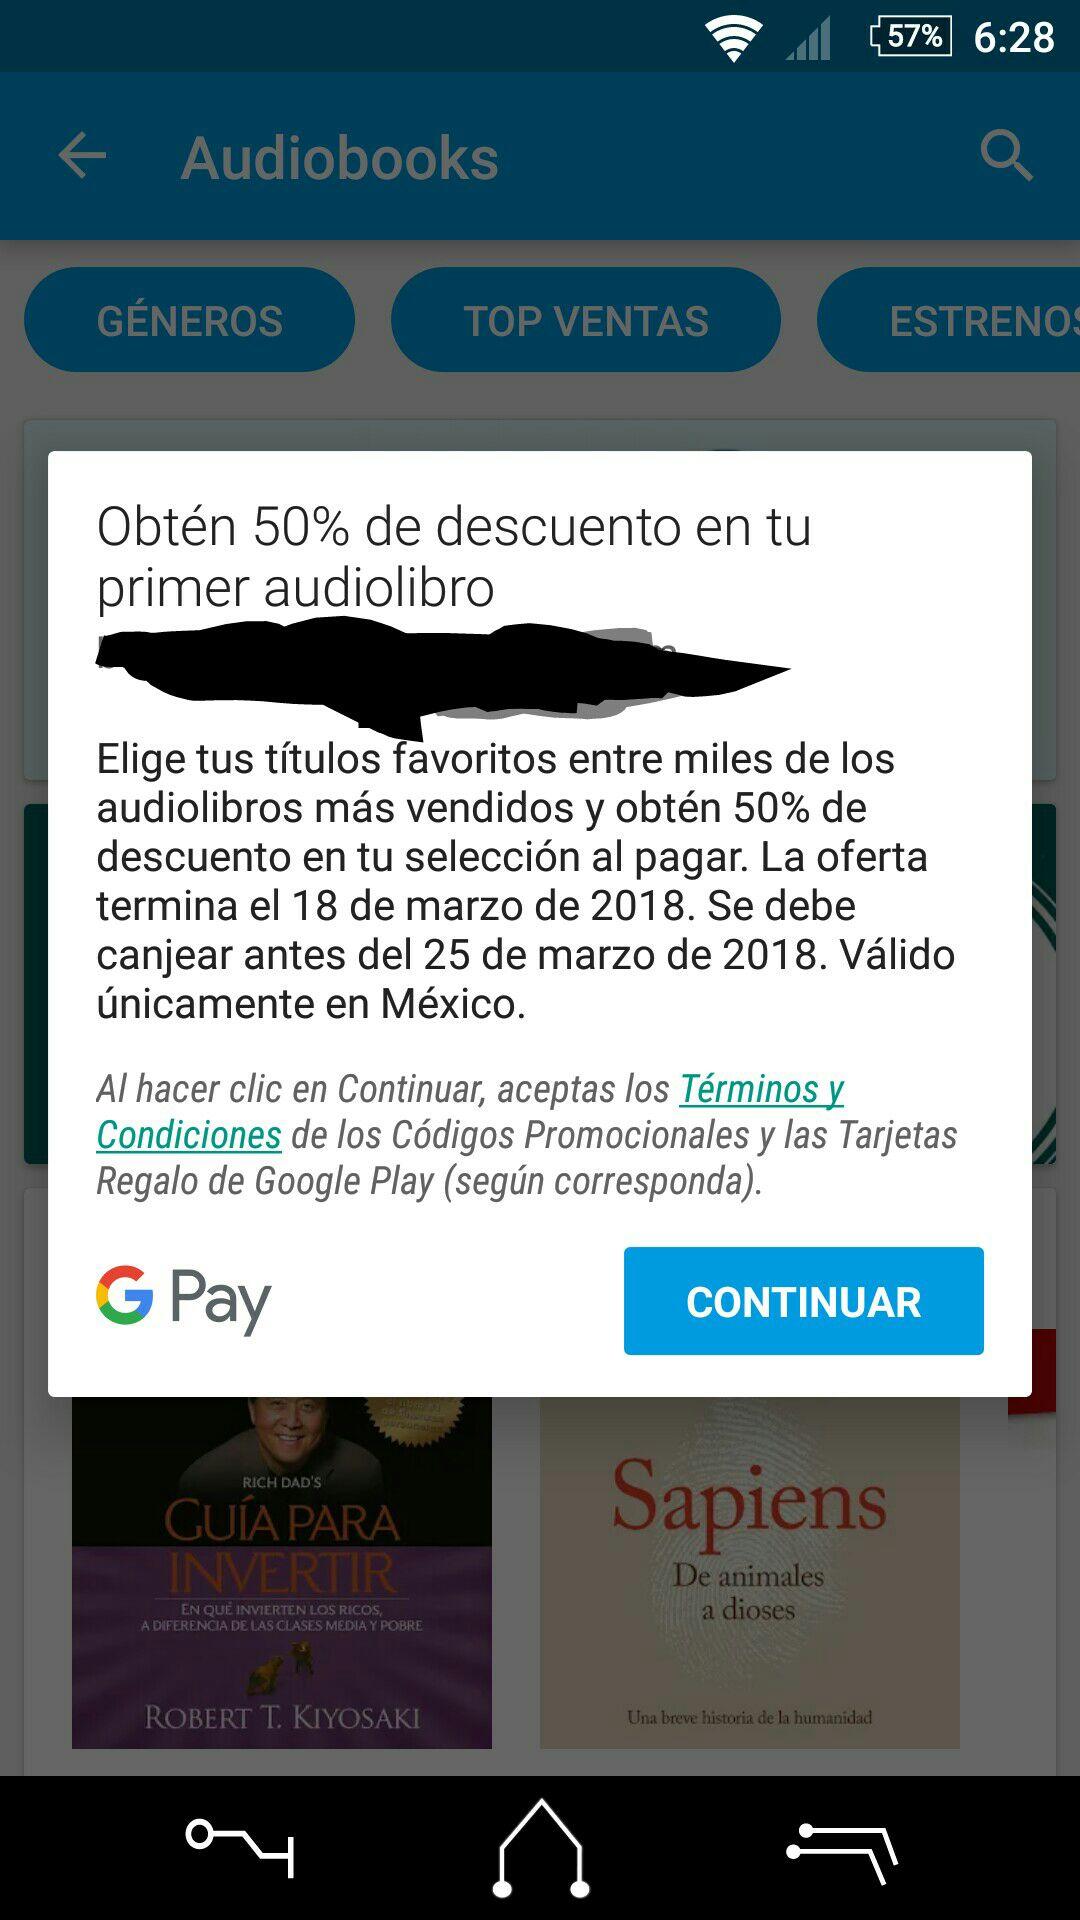 Google Play: 50% de descuento en el primer audiolibro